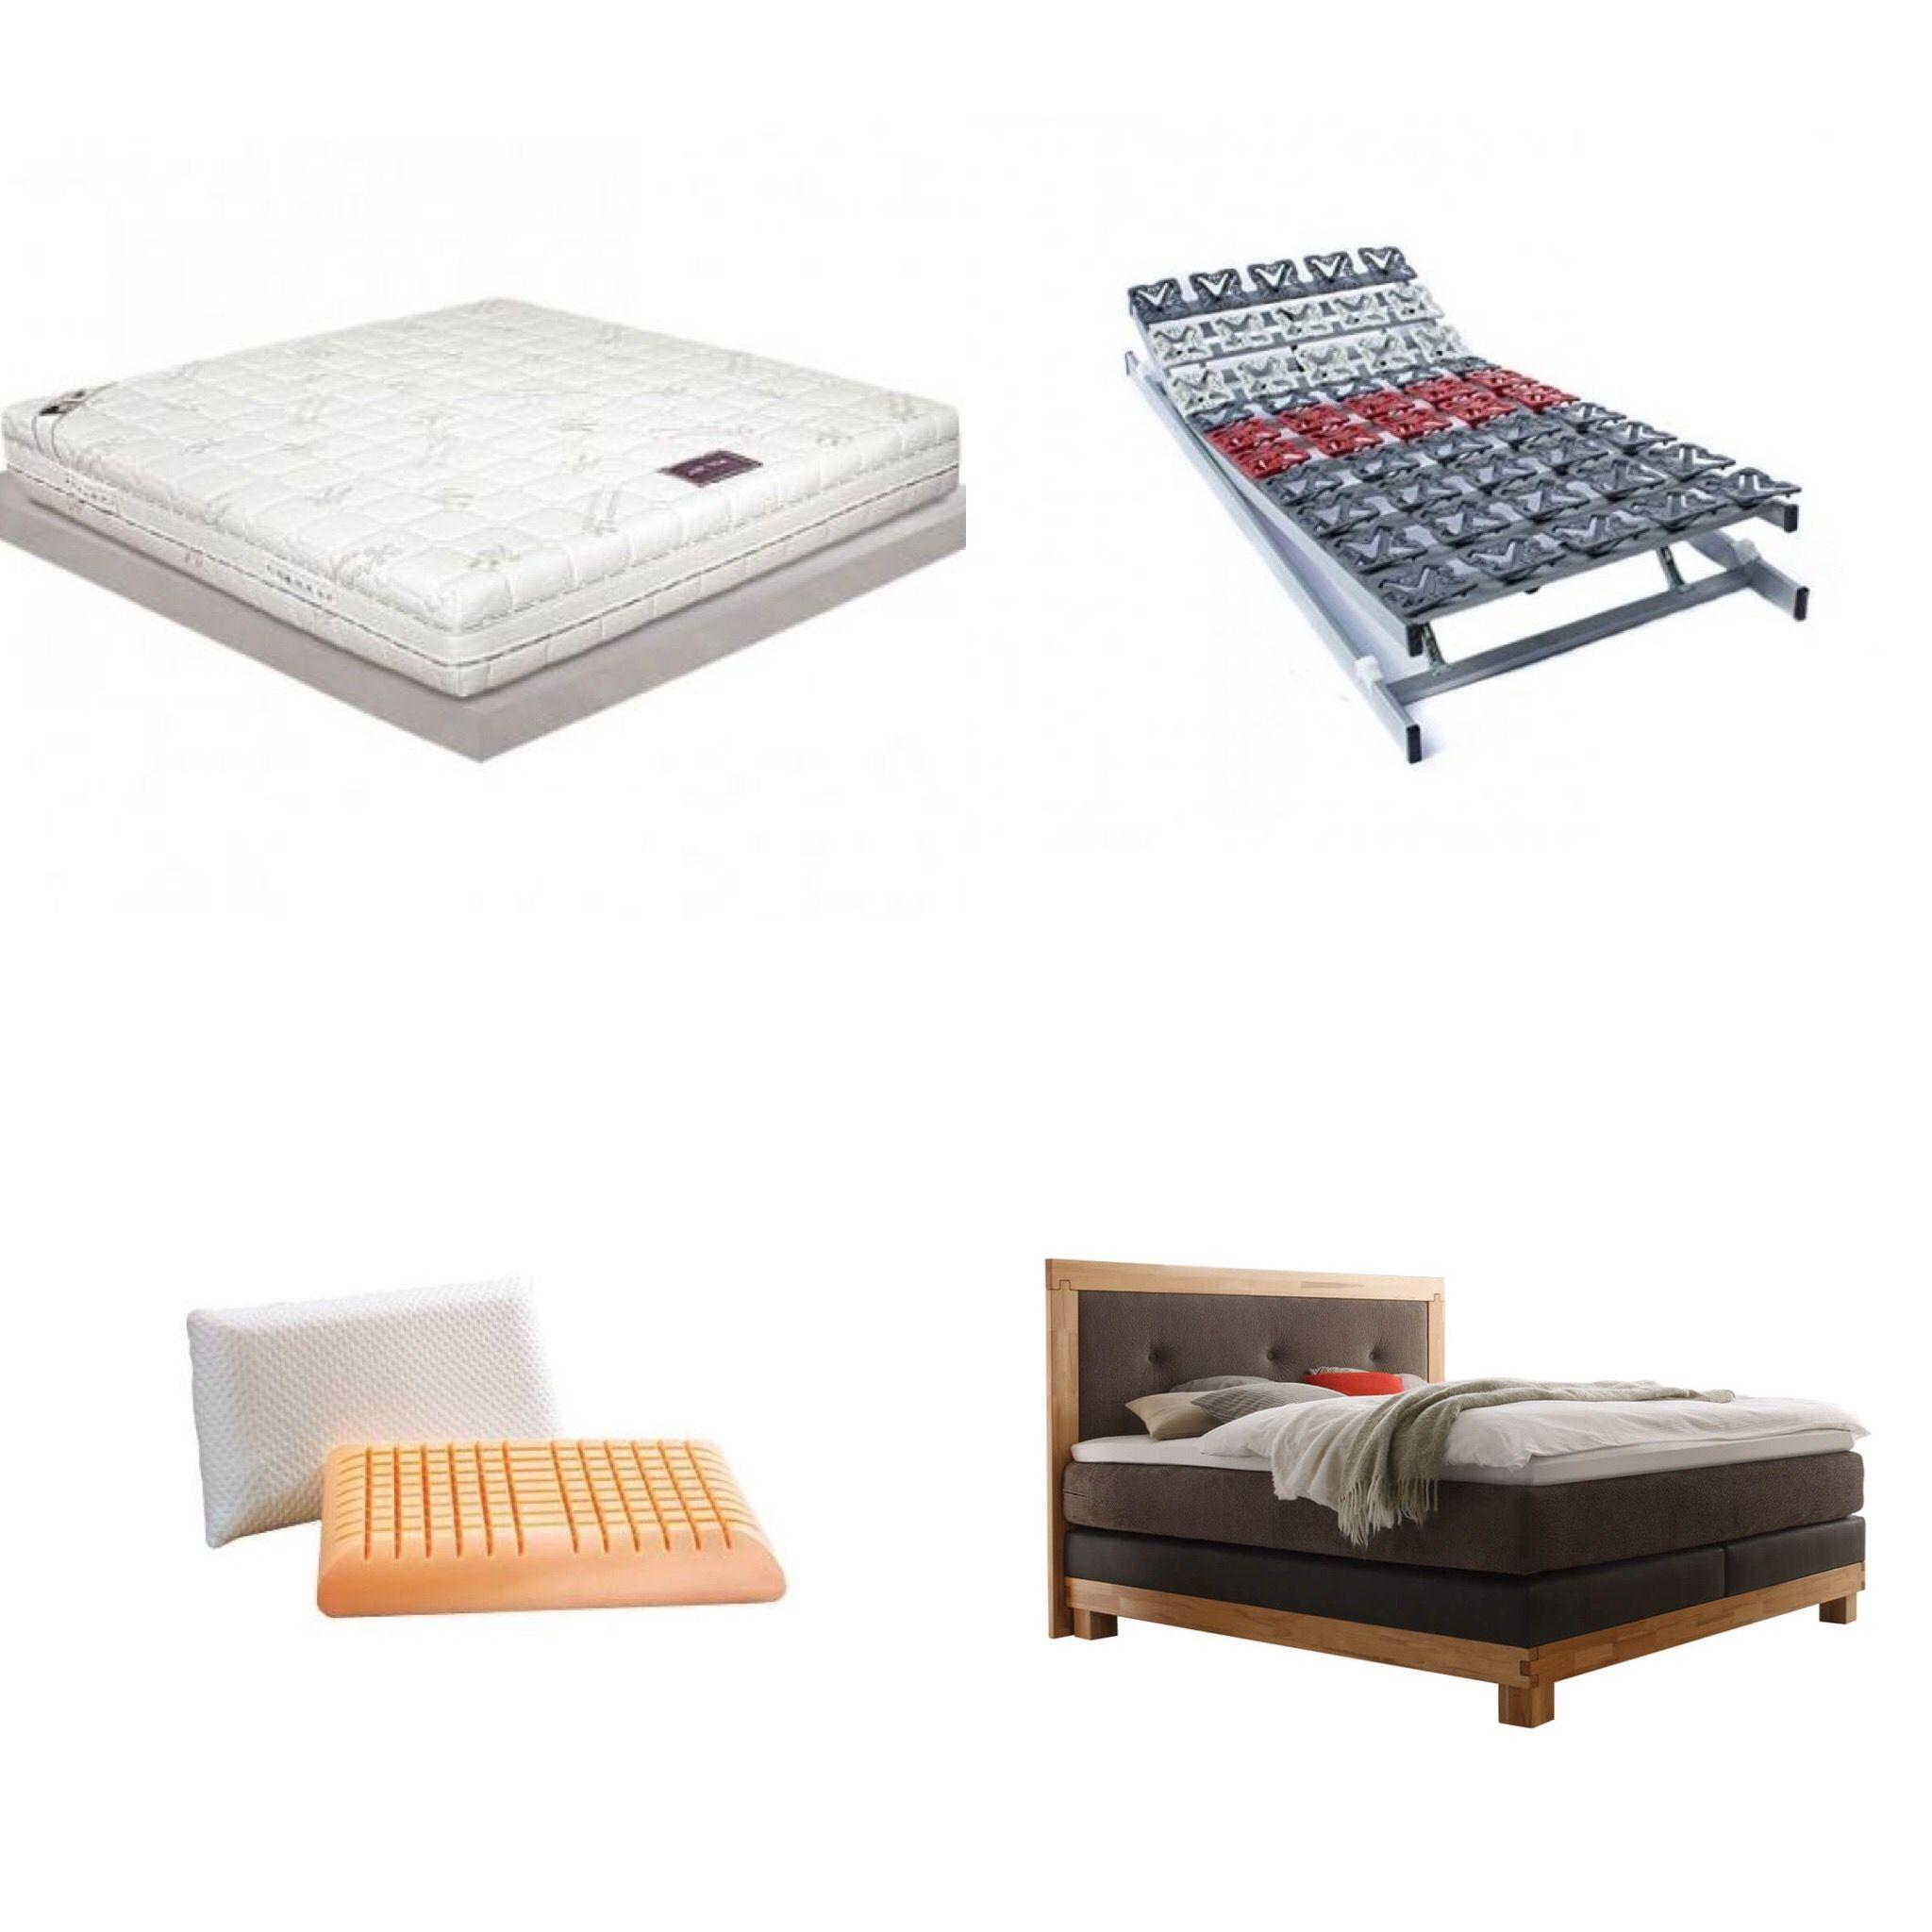 Gute Matratzen, stabile Lattenroste, robuste Betten und